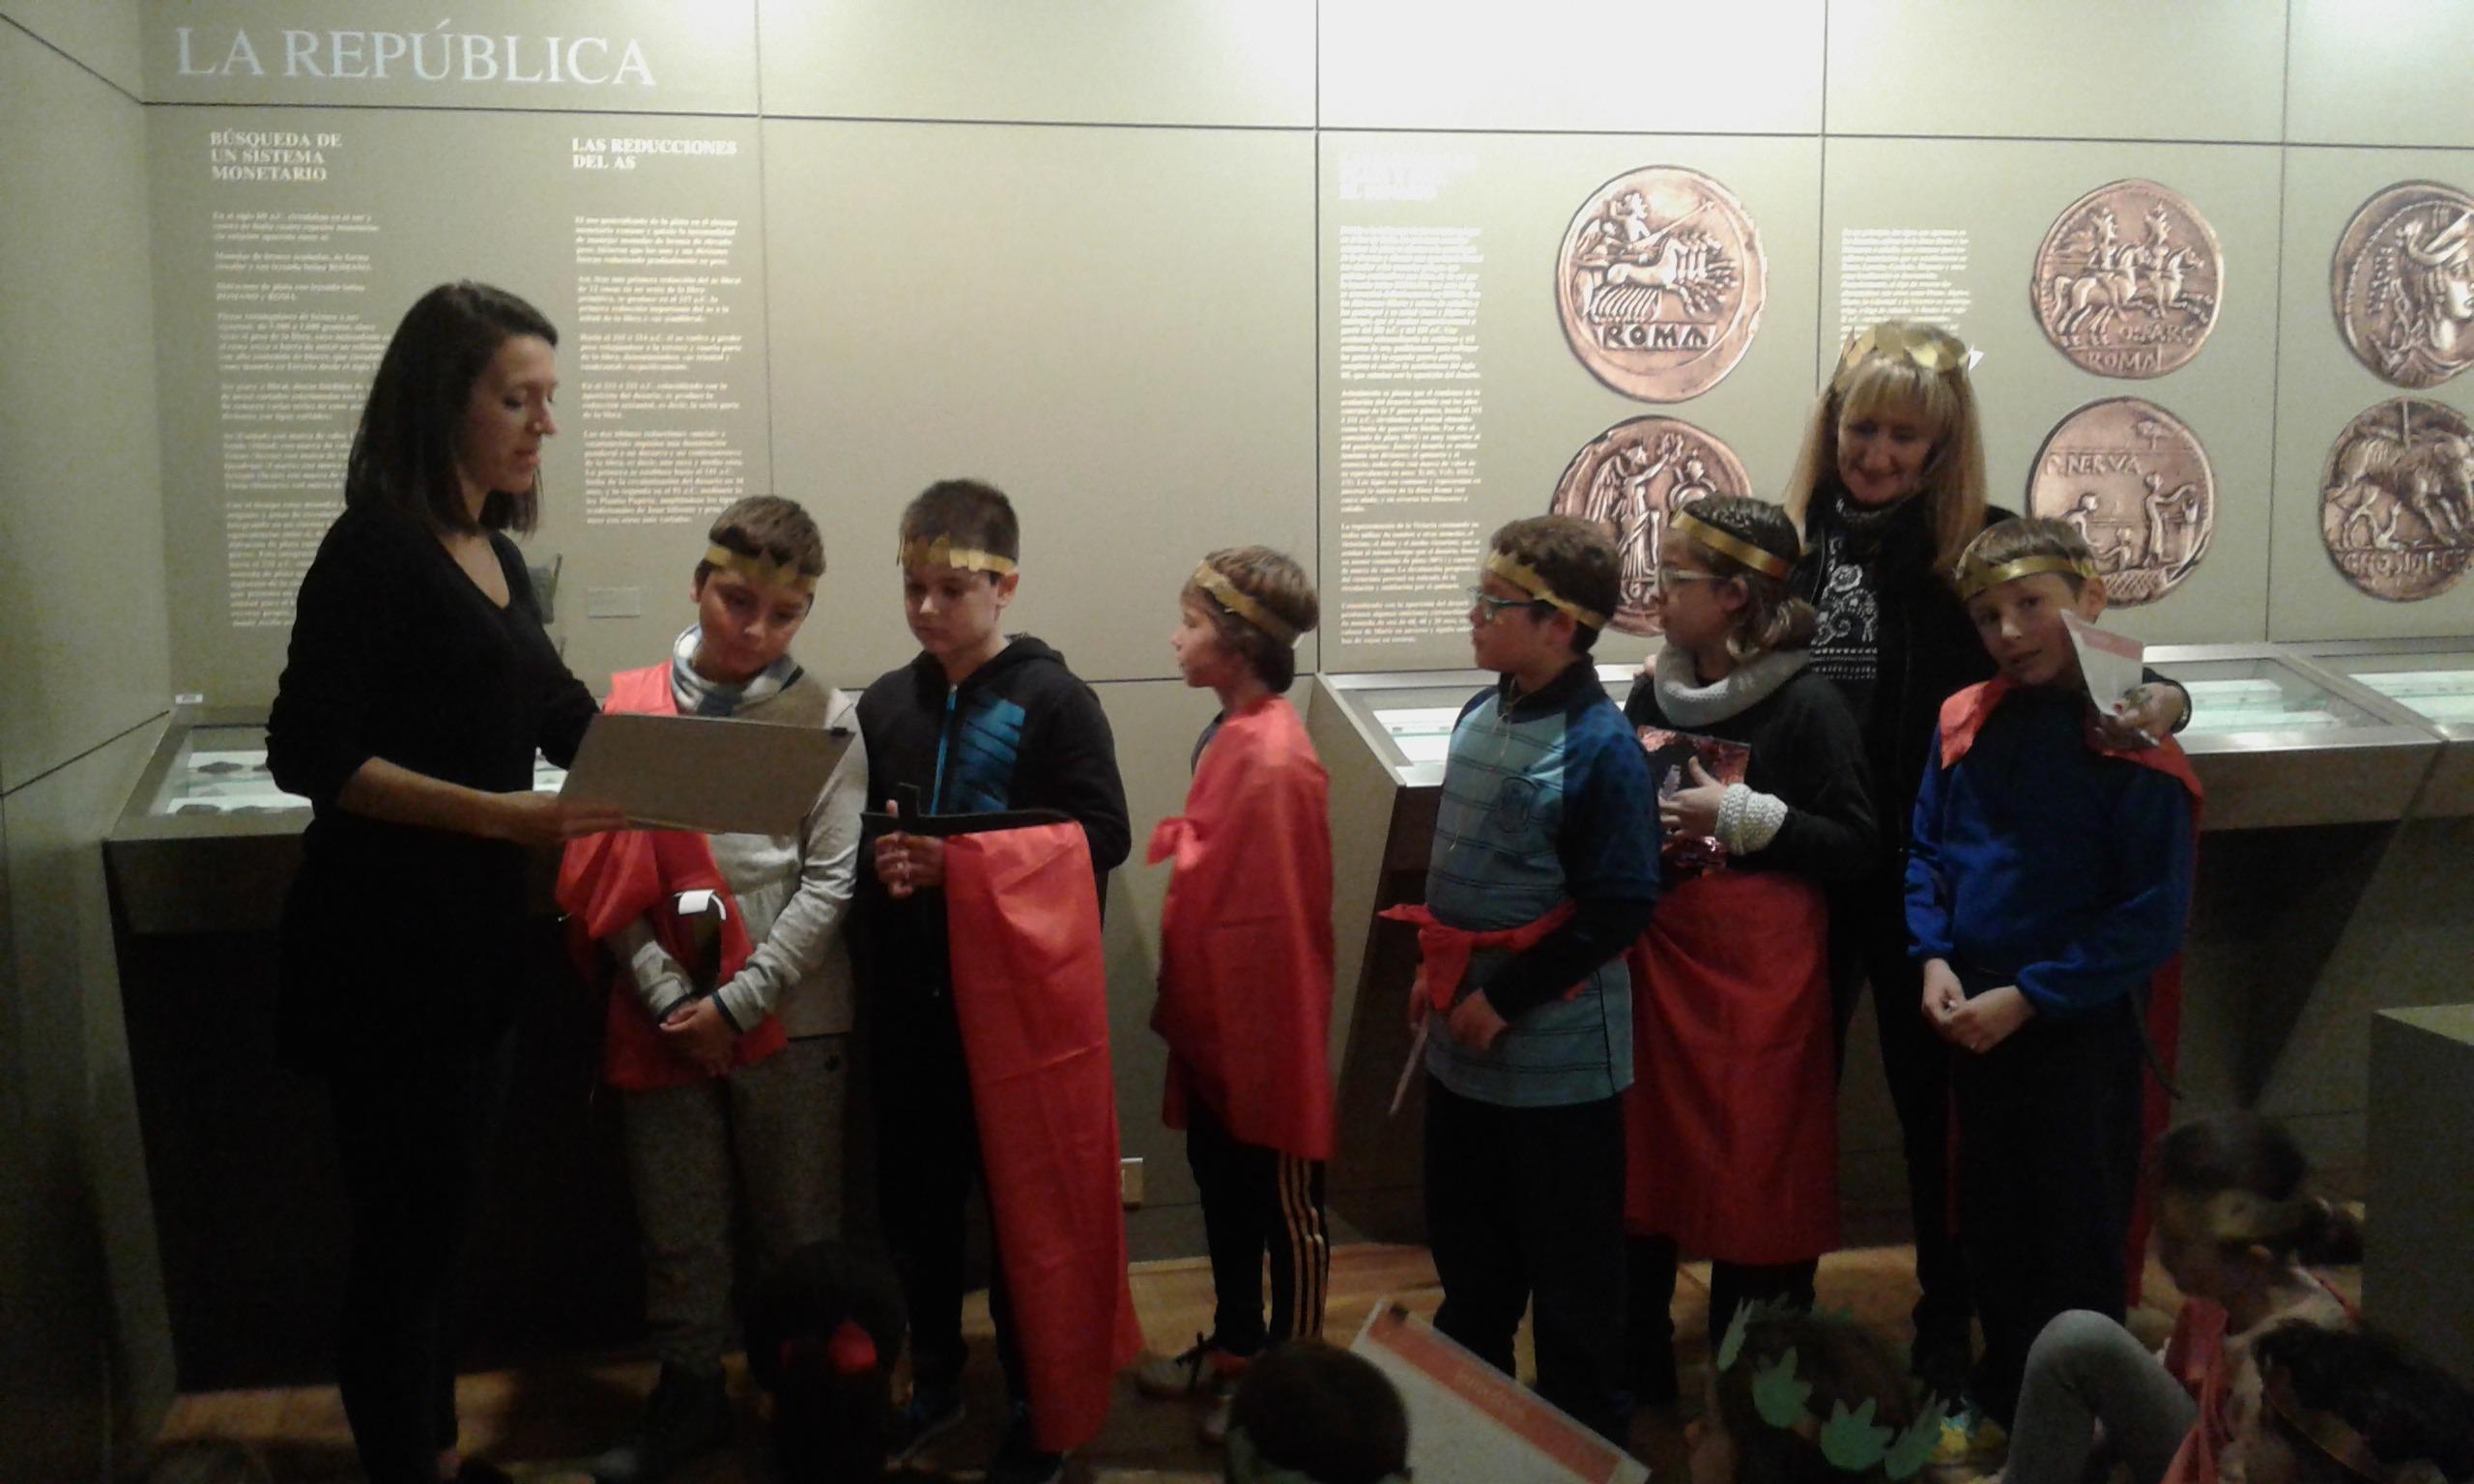 Visita al museo de la moneda. 1